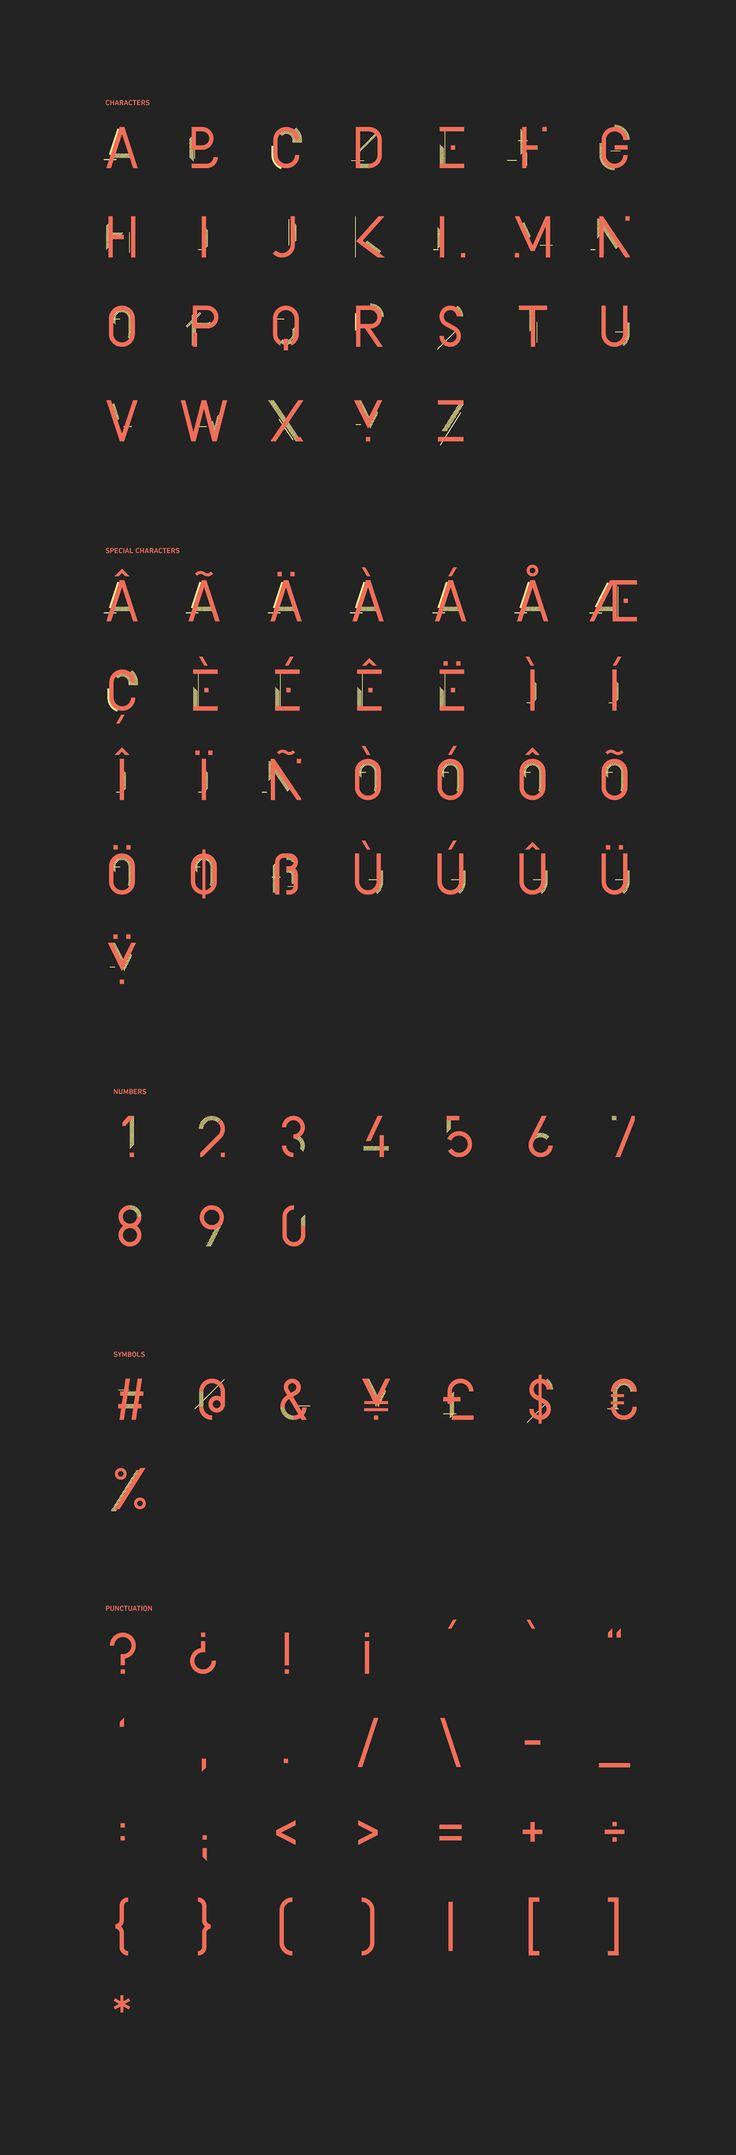 Friction 2.0 - Animated Typeface + Free Font on Behance